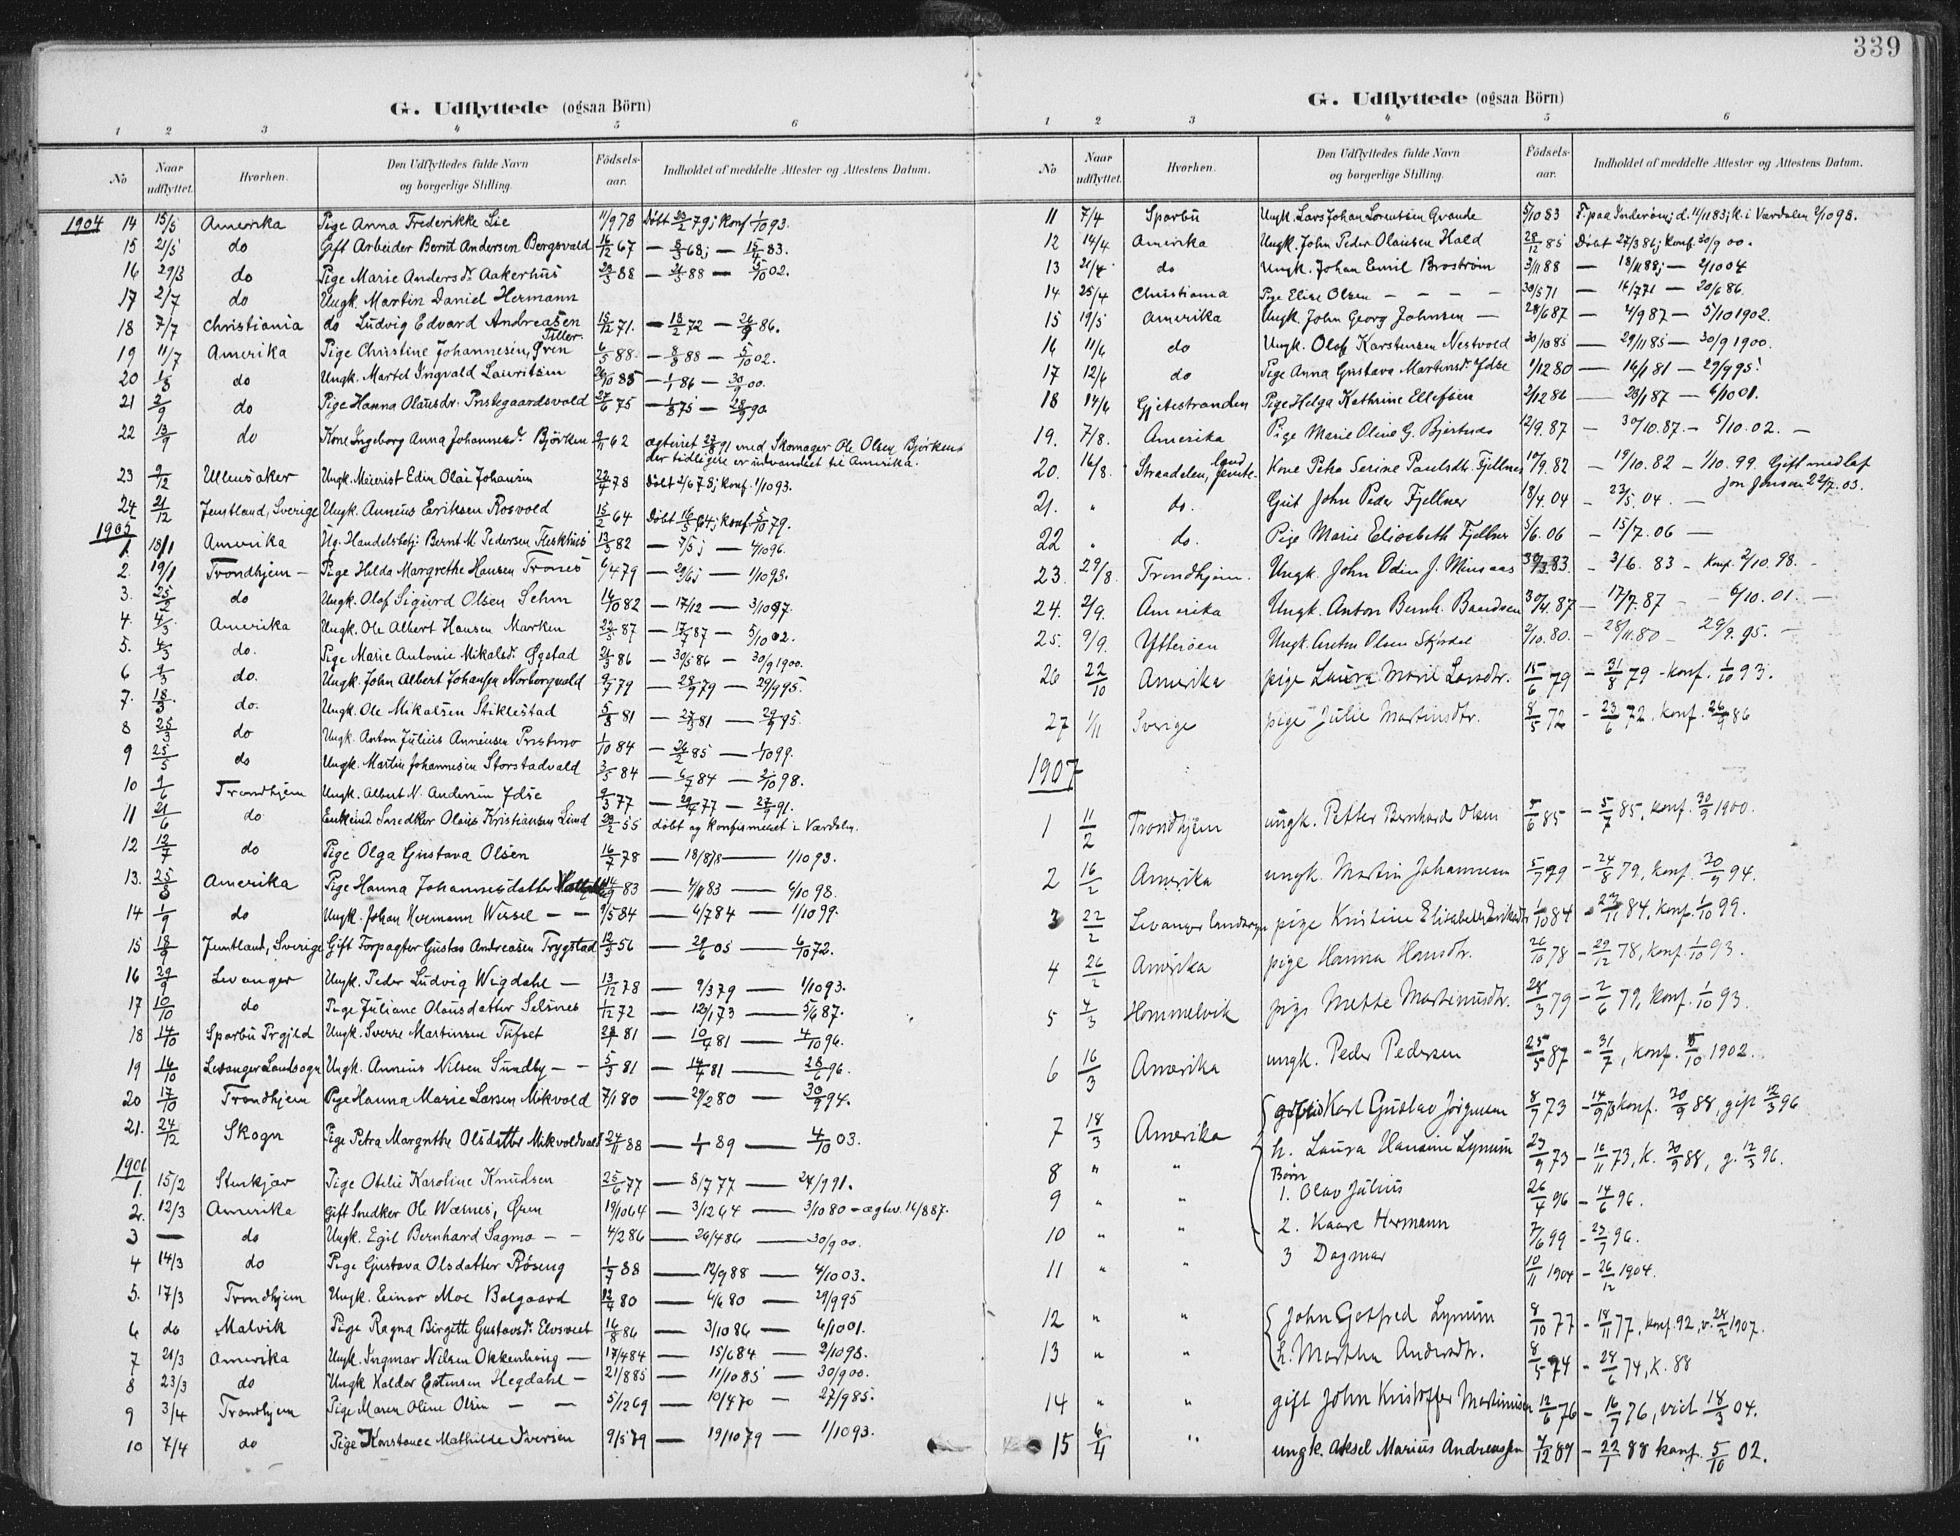 SAT, Ministerialprotokoller, klokkerbøker og fødselsregistre - Nord-Trøndelag, 723/L0246: Ministerialbok nr. 723A15, 1900-1917, s. 339